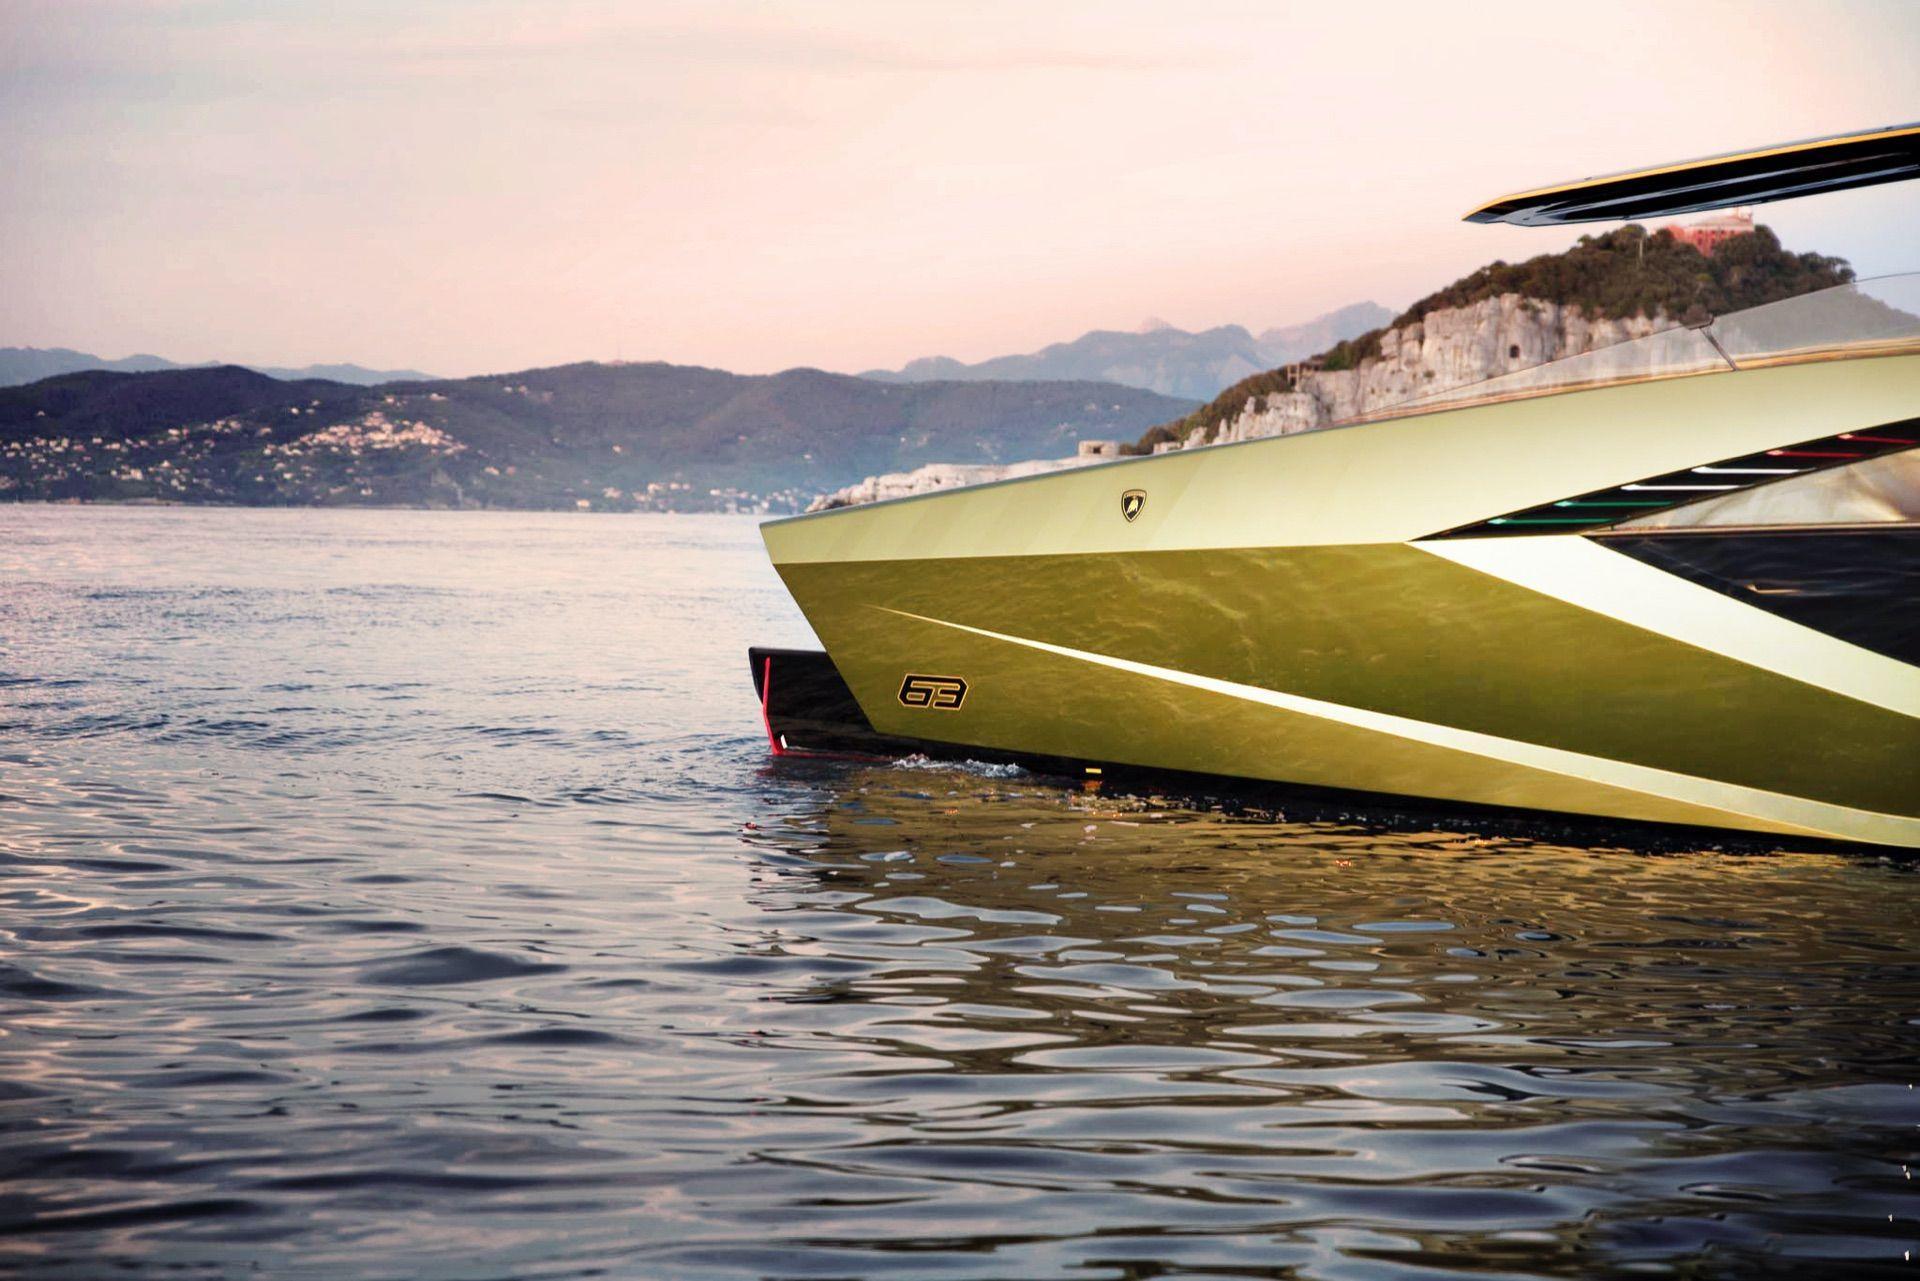 Tecnomar-Lamborghini-63-Yacht-9